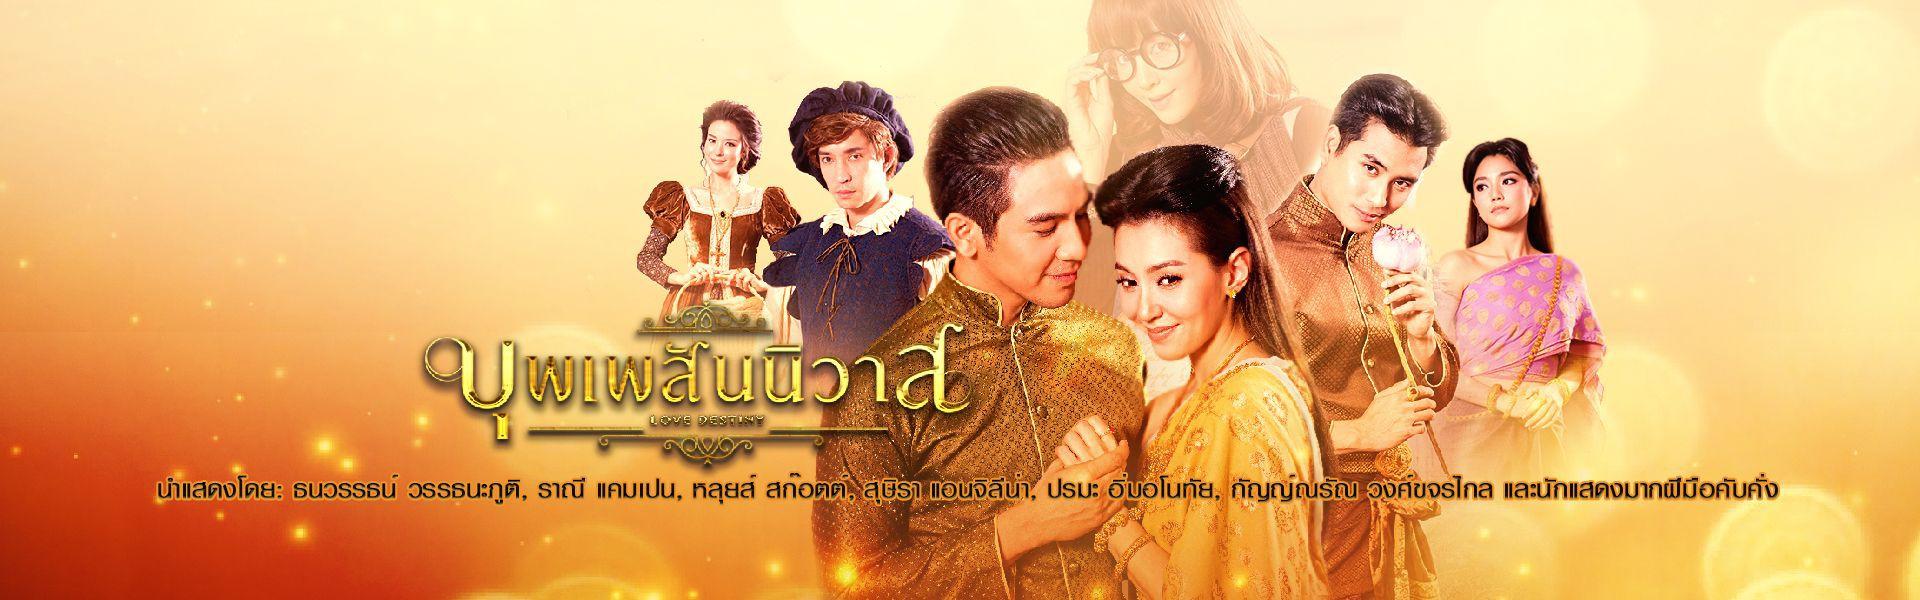 Công thức nhào nặn nên cơn sốt phim Thái Nhân Duyên Tiền Định - Ảnh 1.